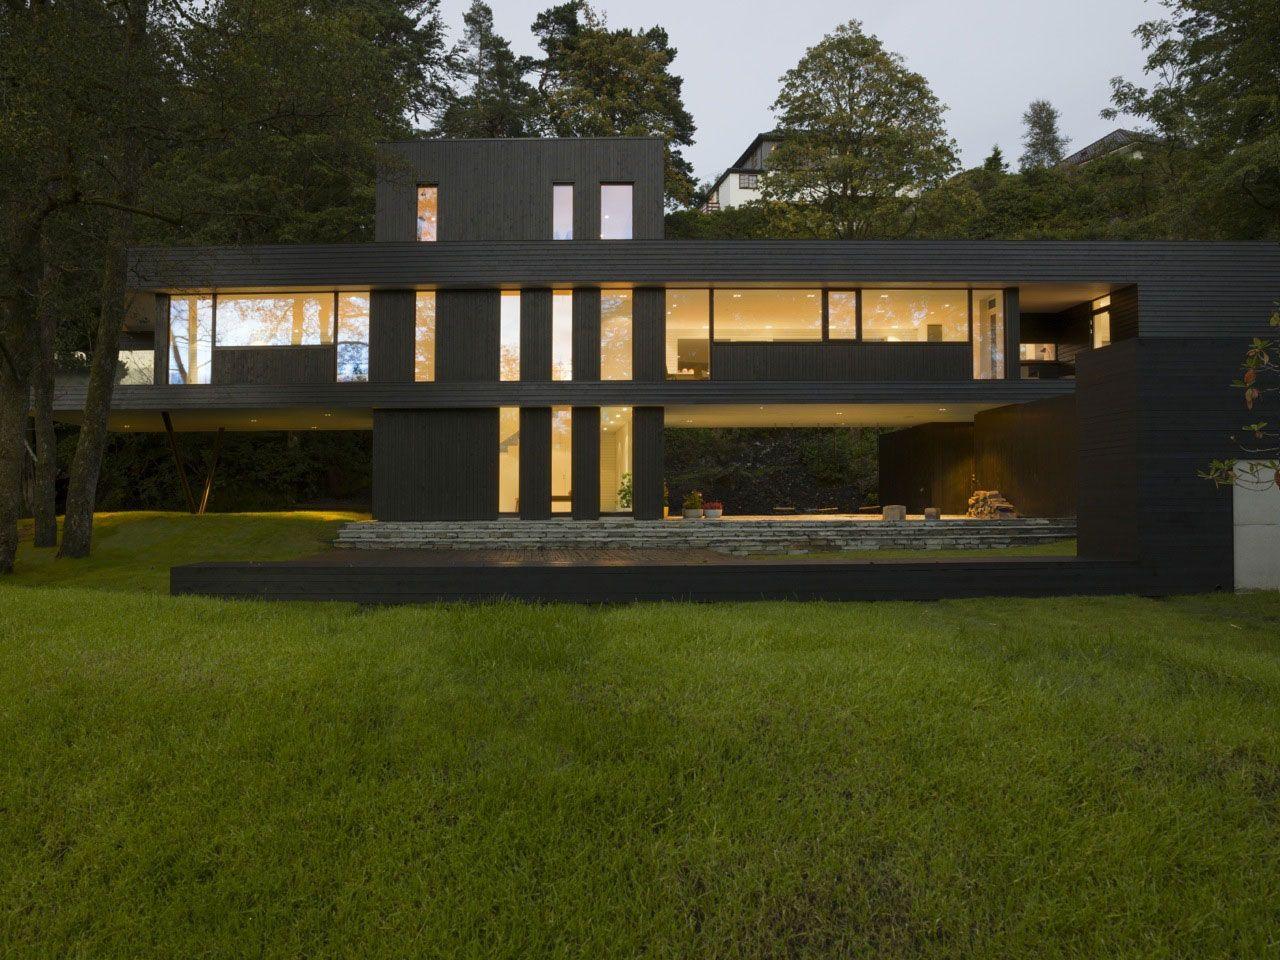 Villa-S-Saunders-Architecture-18